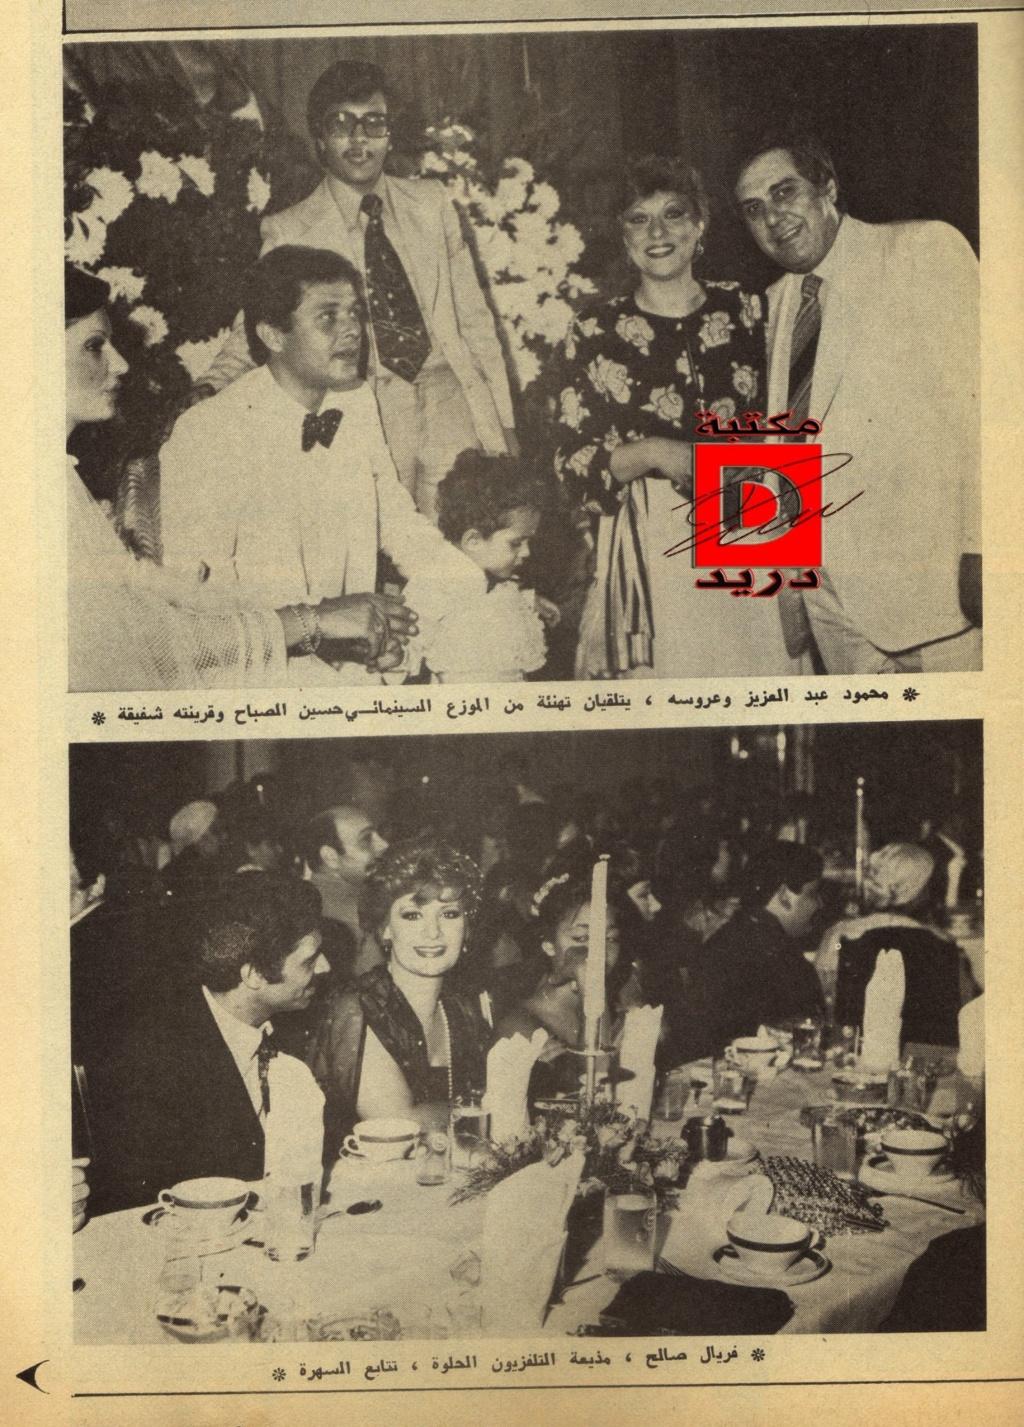 ليلة - مقال صحفي : محمود عبدالعزيز في ليلة فرحه ! 1980 م 418